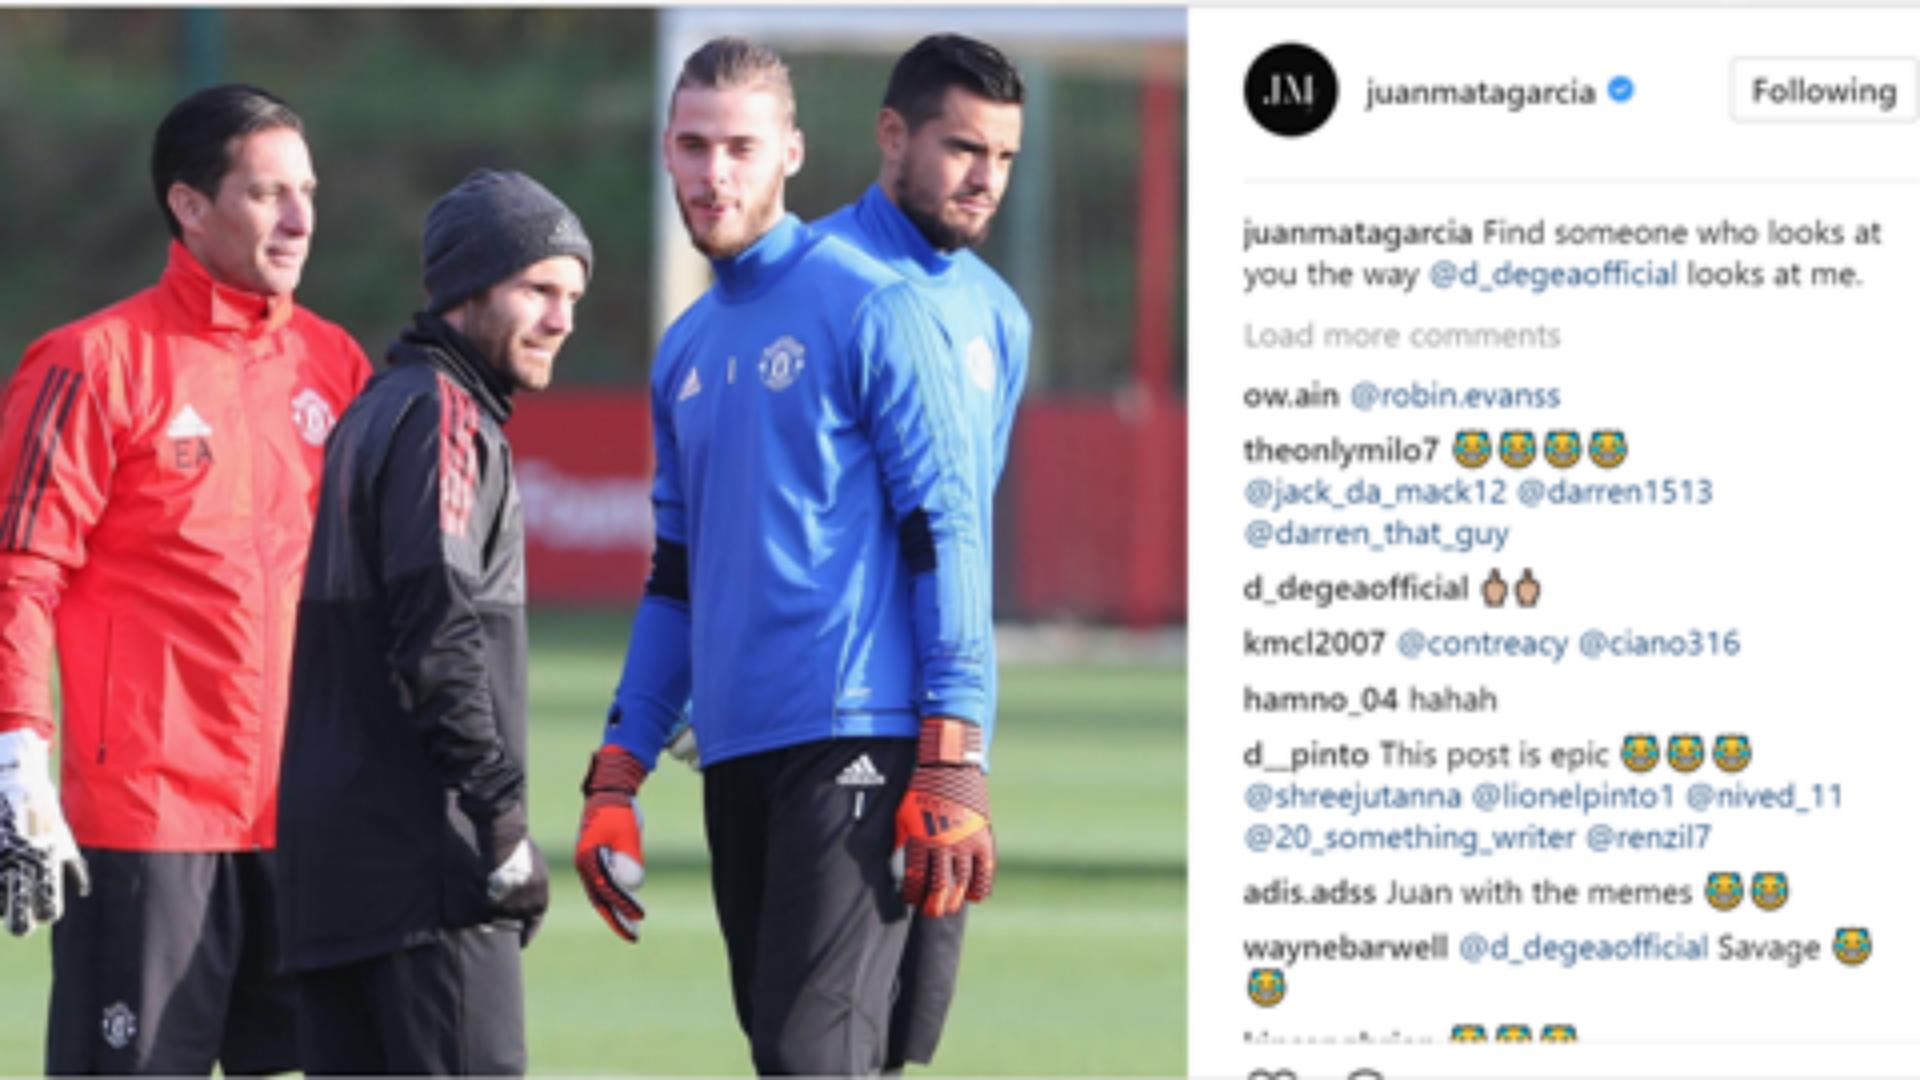 David de Gea Juan Mata Manchester United love post